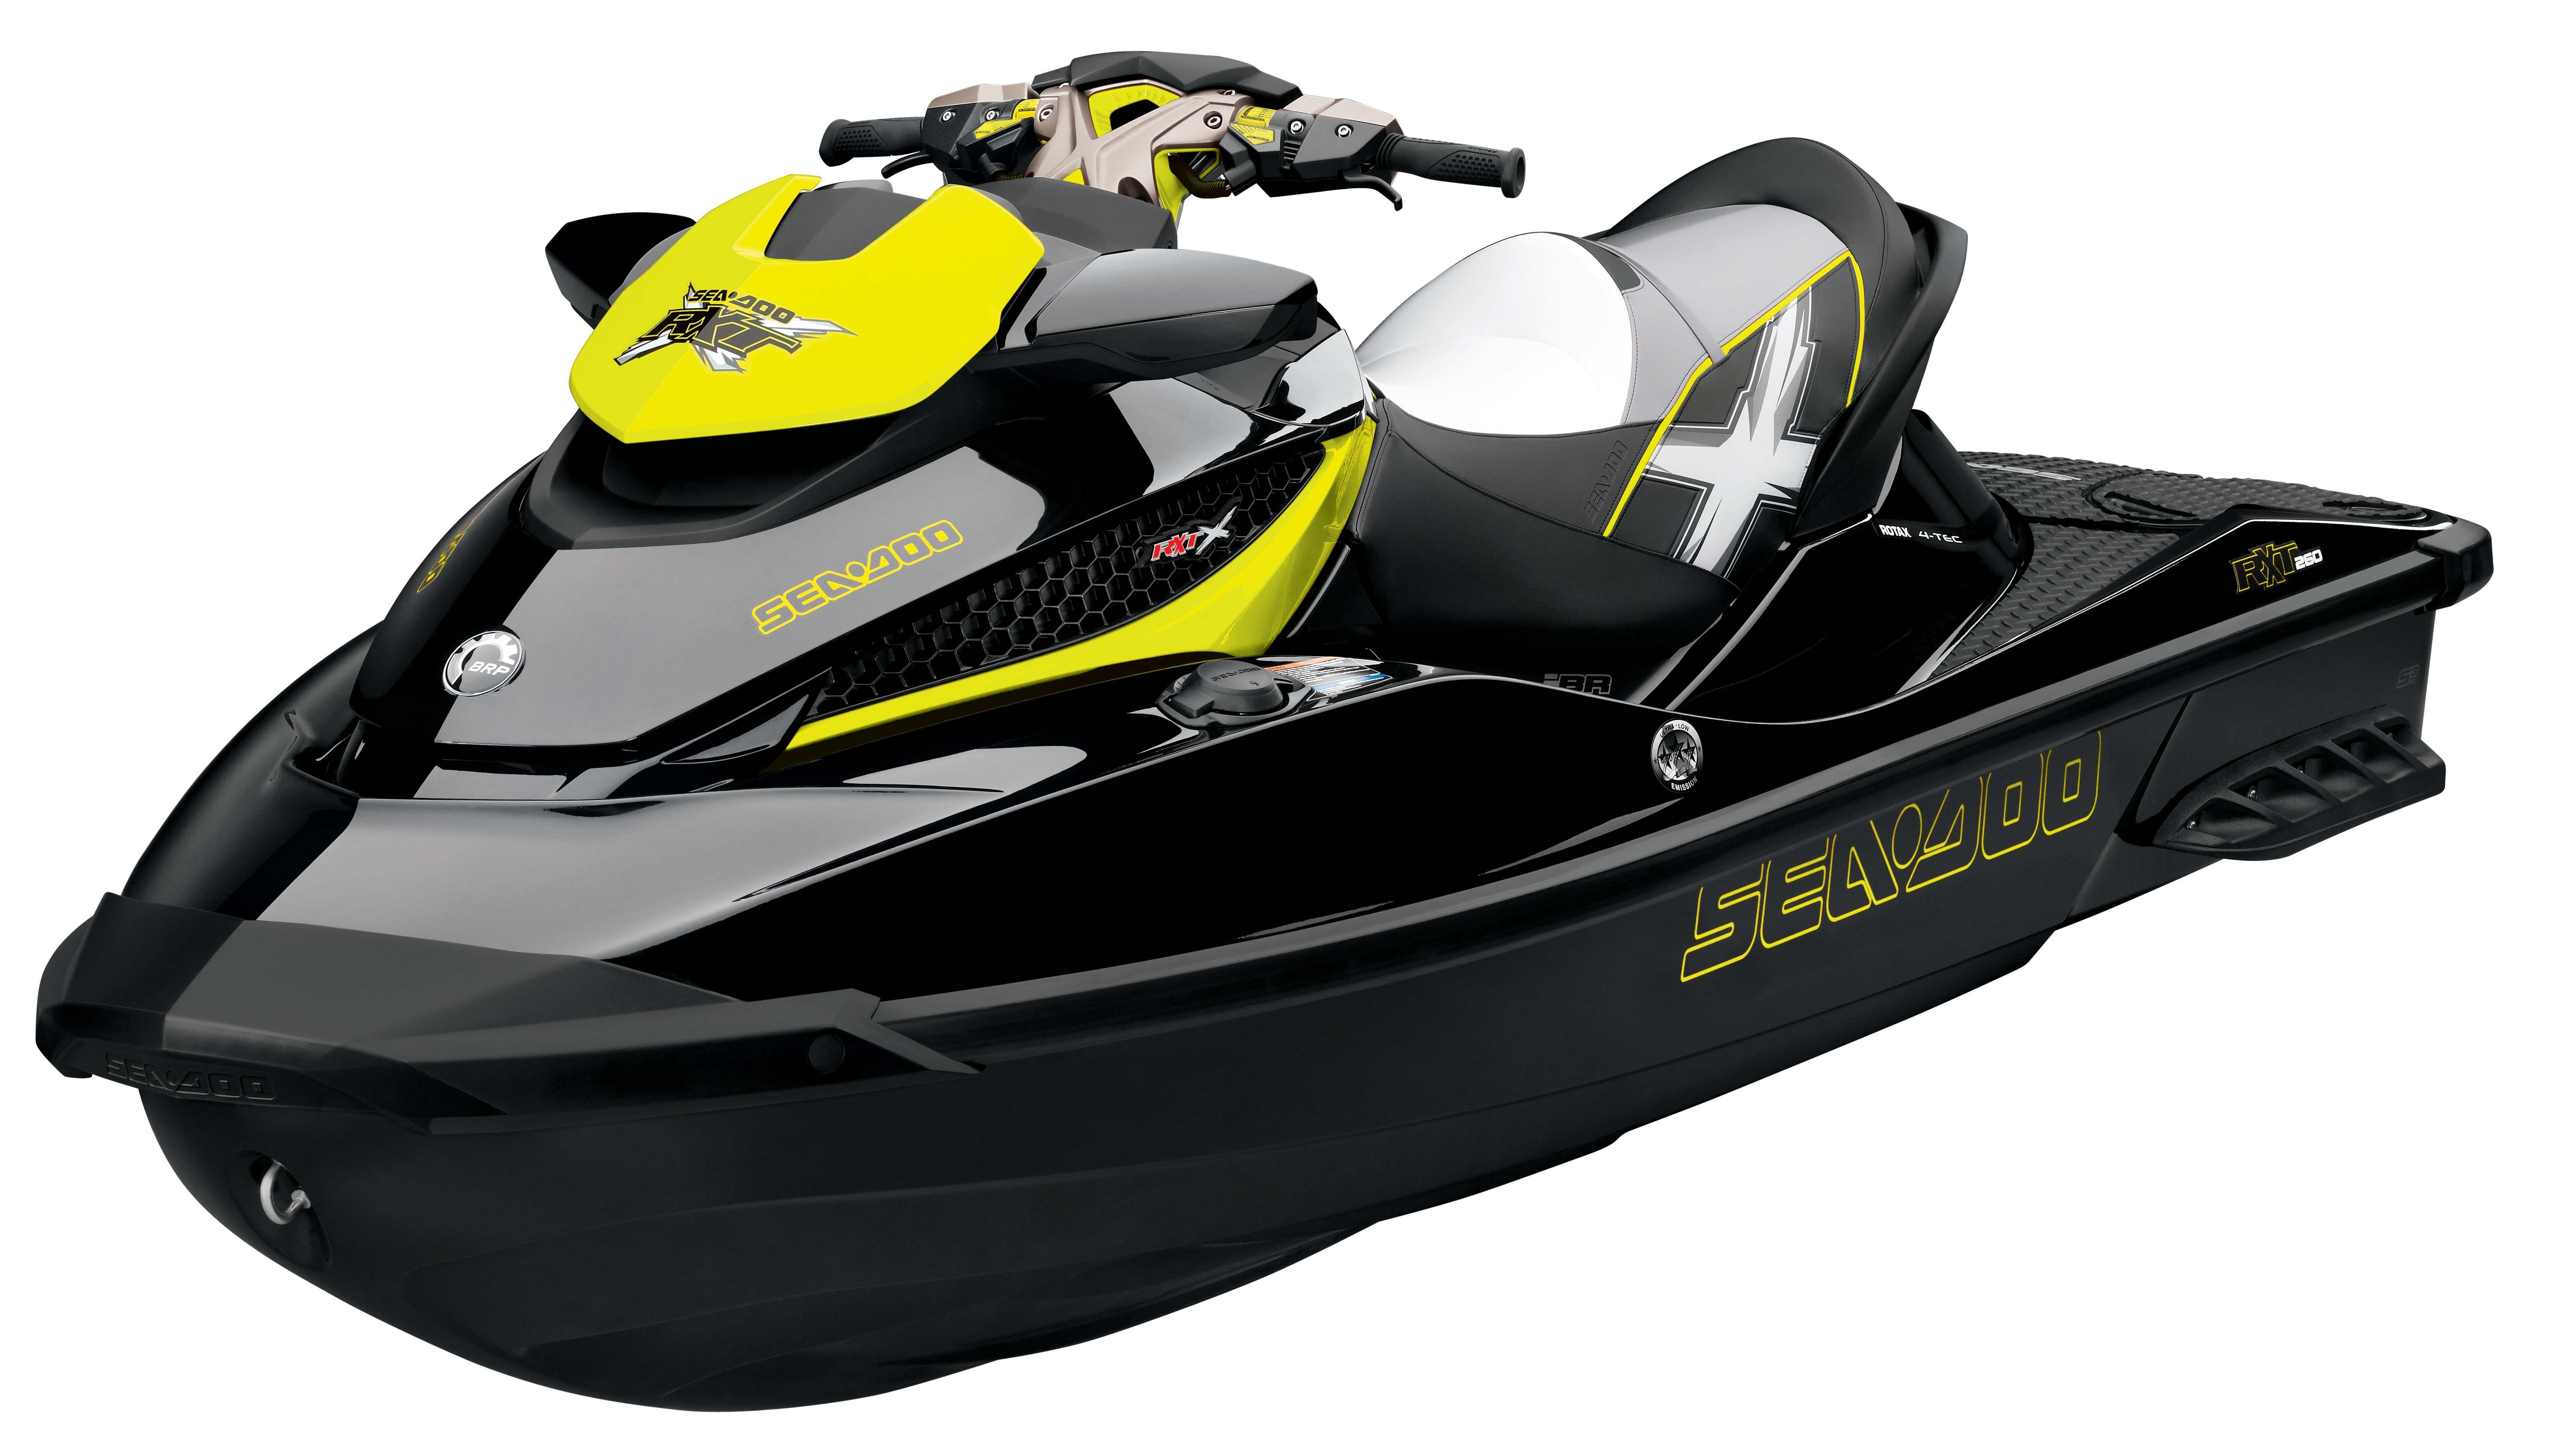 Https Seadooonboard Files Wordpress Com 2012 11 2013 Sea Doo Rxt X 260 Smaller Studio Front3 4 Jpg Seadoo Jet Ski Water Crafts